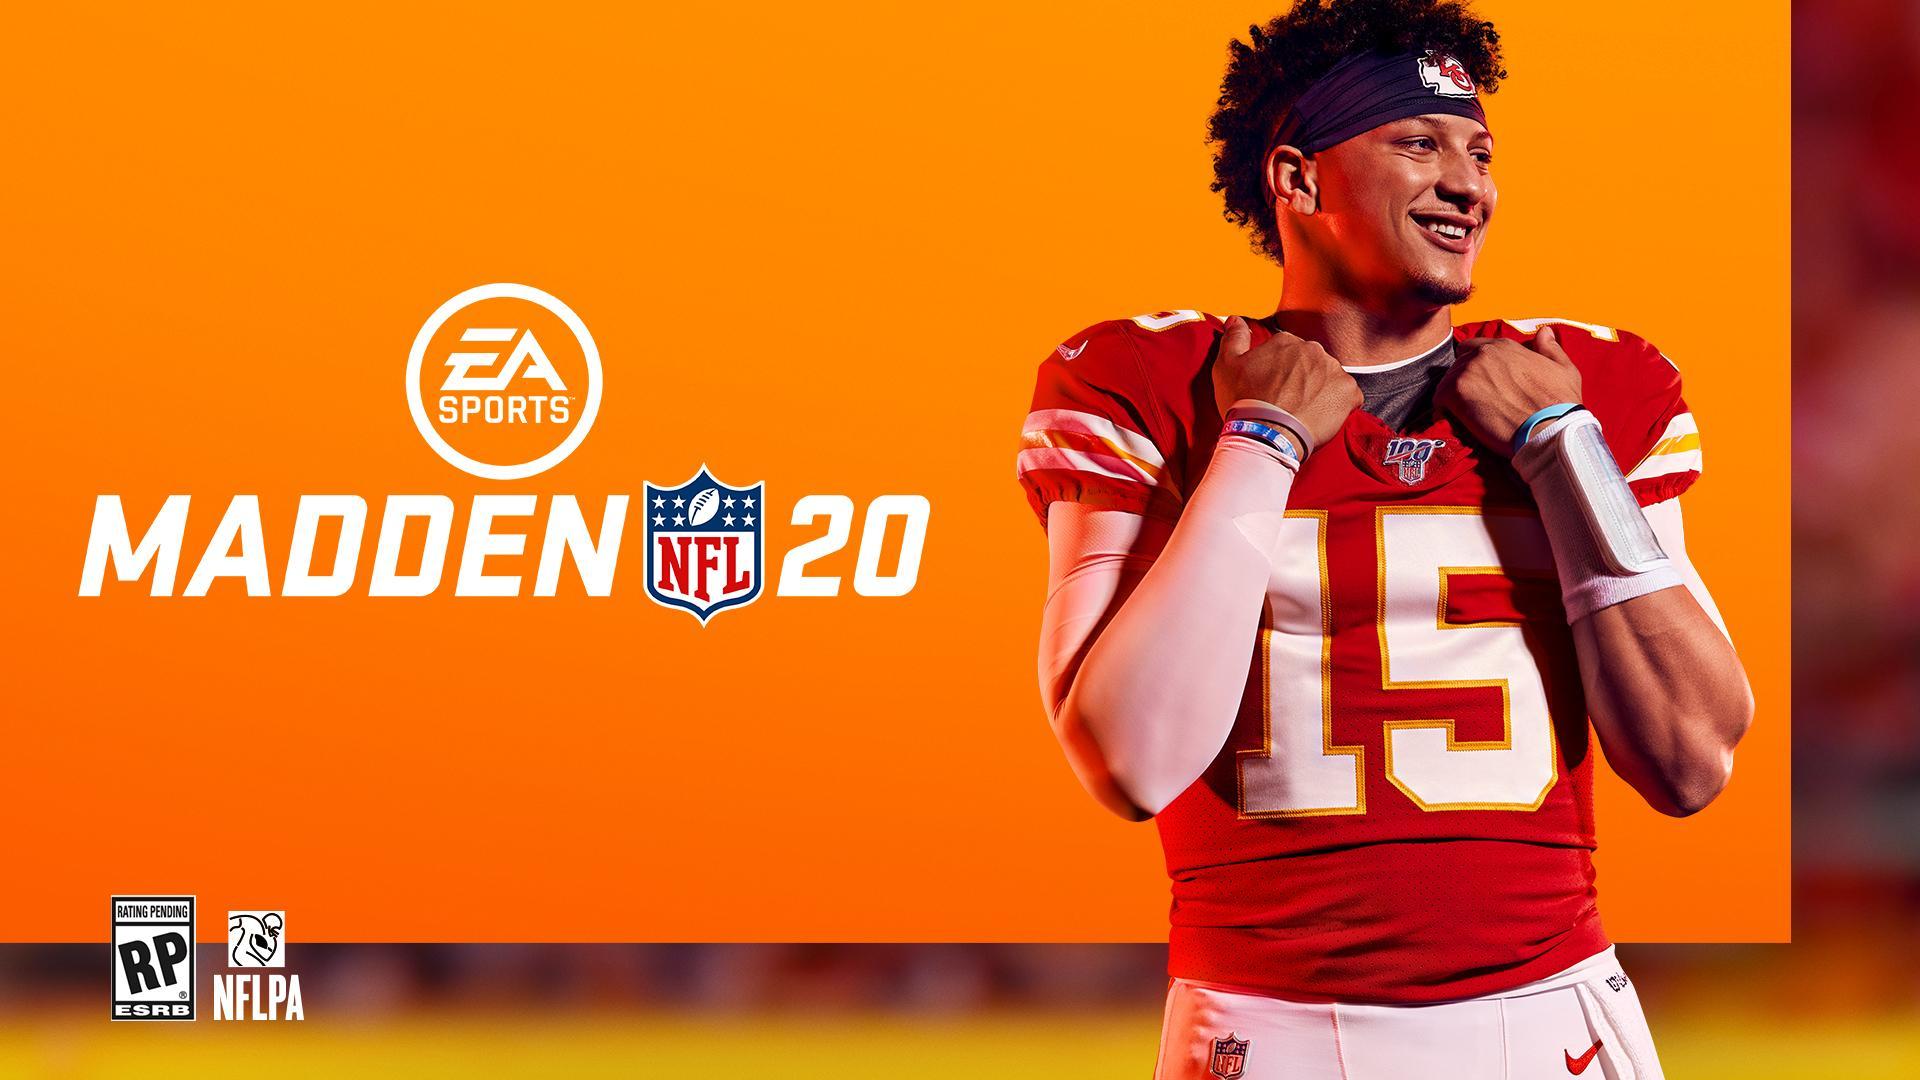 فروش چشمگیر بازی Madden 20 پس از دو هفته از انتشار